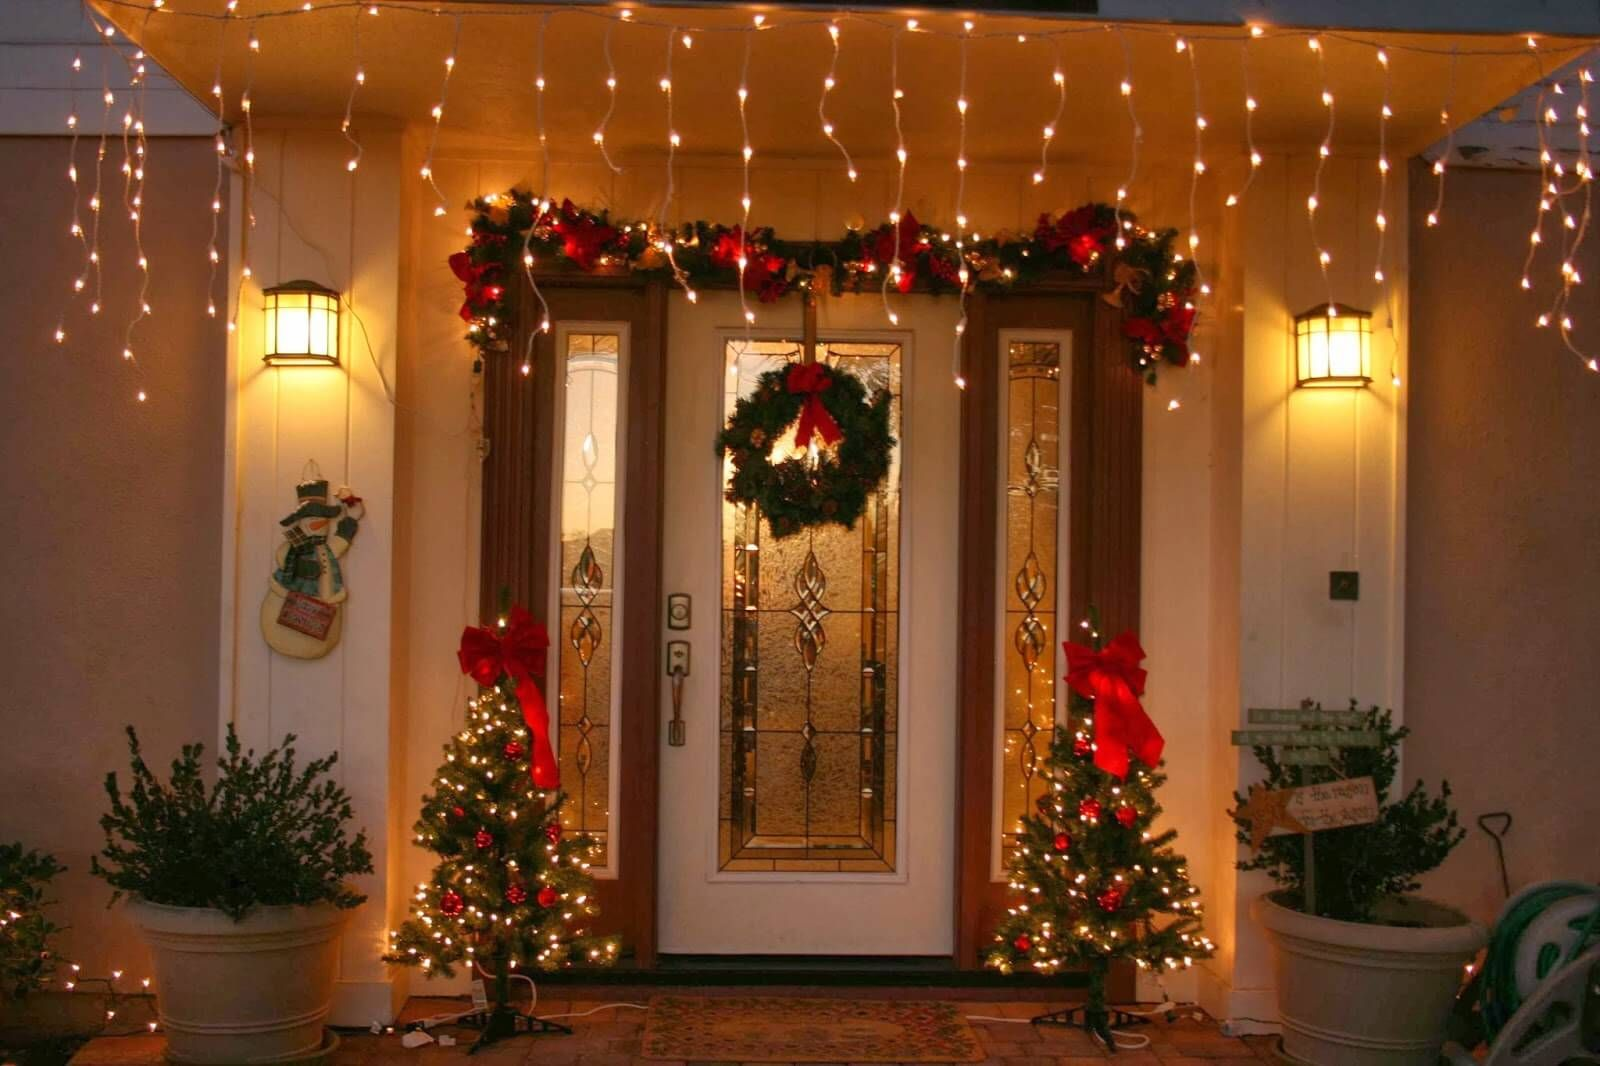 5 ideas para decorar la casa en navidad navidad pinterest en navidad navidad y ideas para - Adornos de navidad para decorar la casa ...